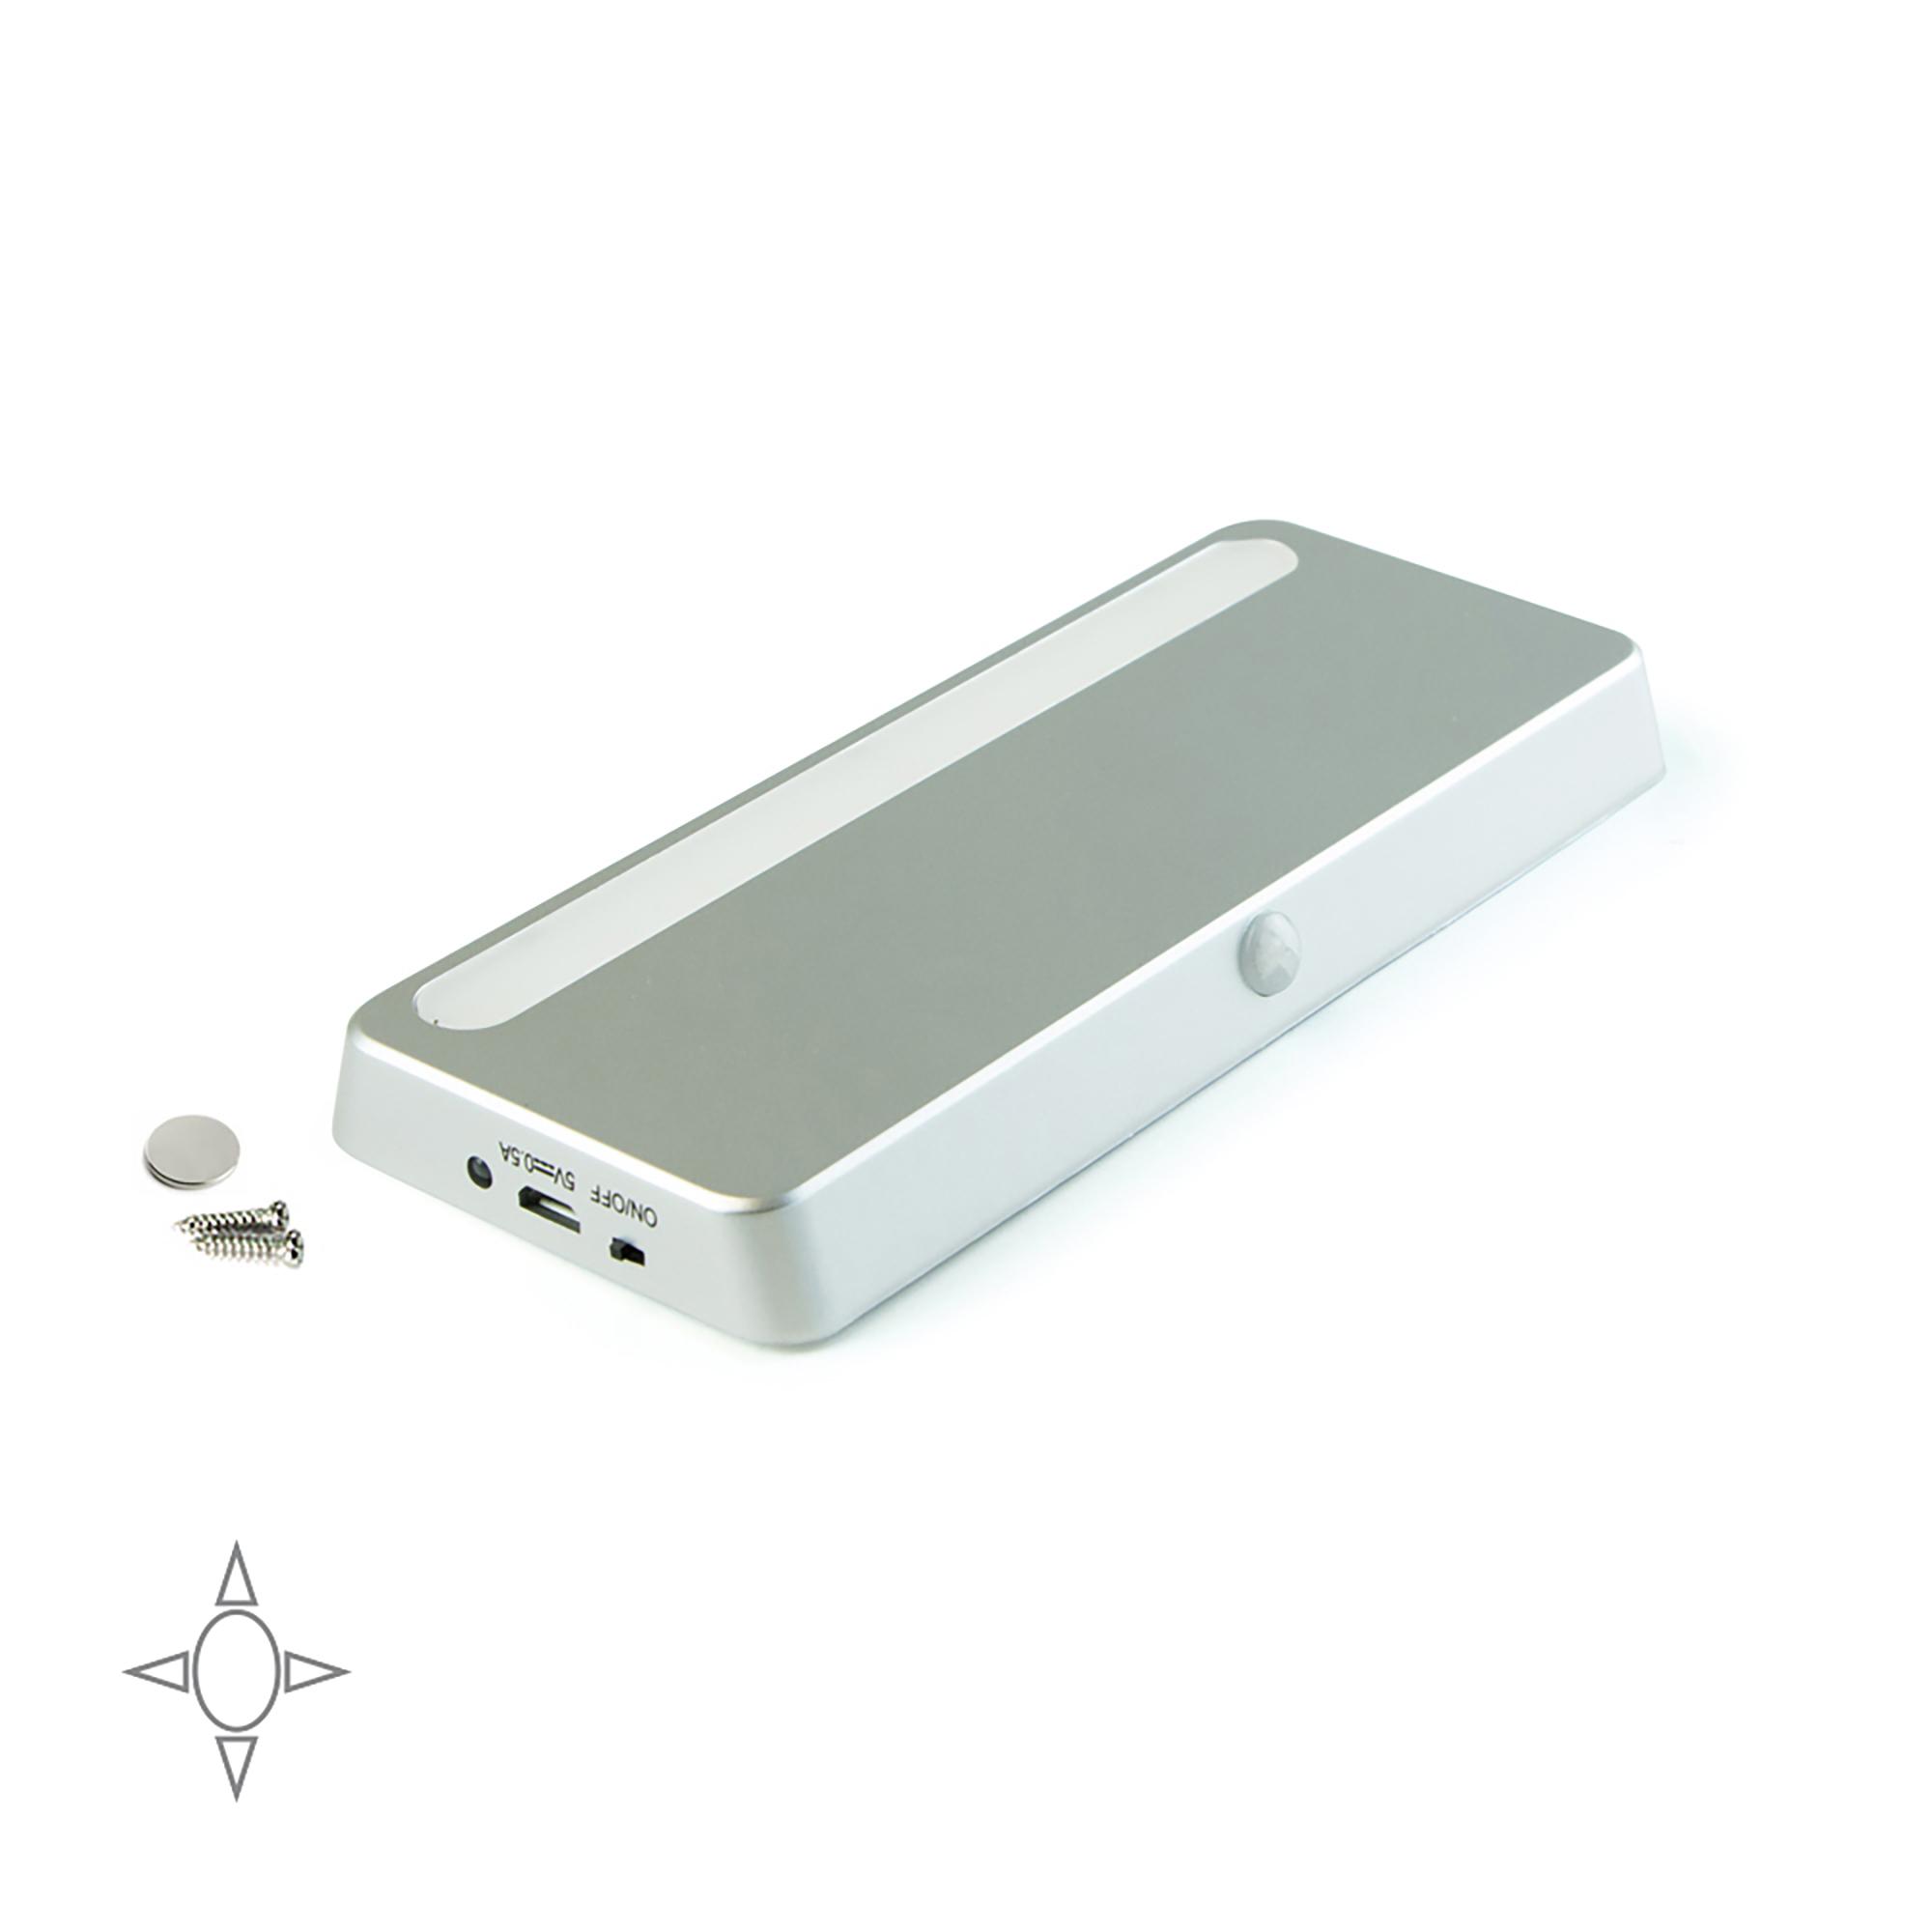 Emuca Luce LED ricaricabile, sensore di movimento, Luce bianca naturale, Plastica, Grigio metallizzato